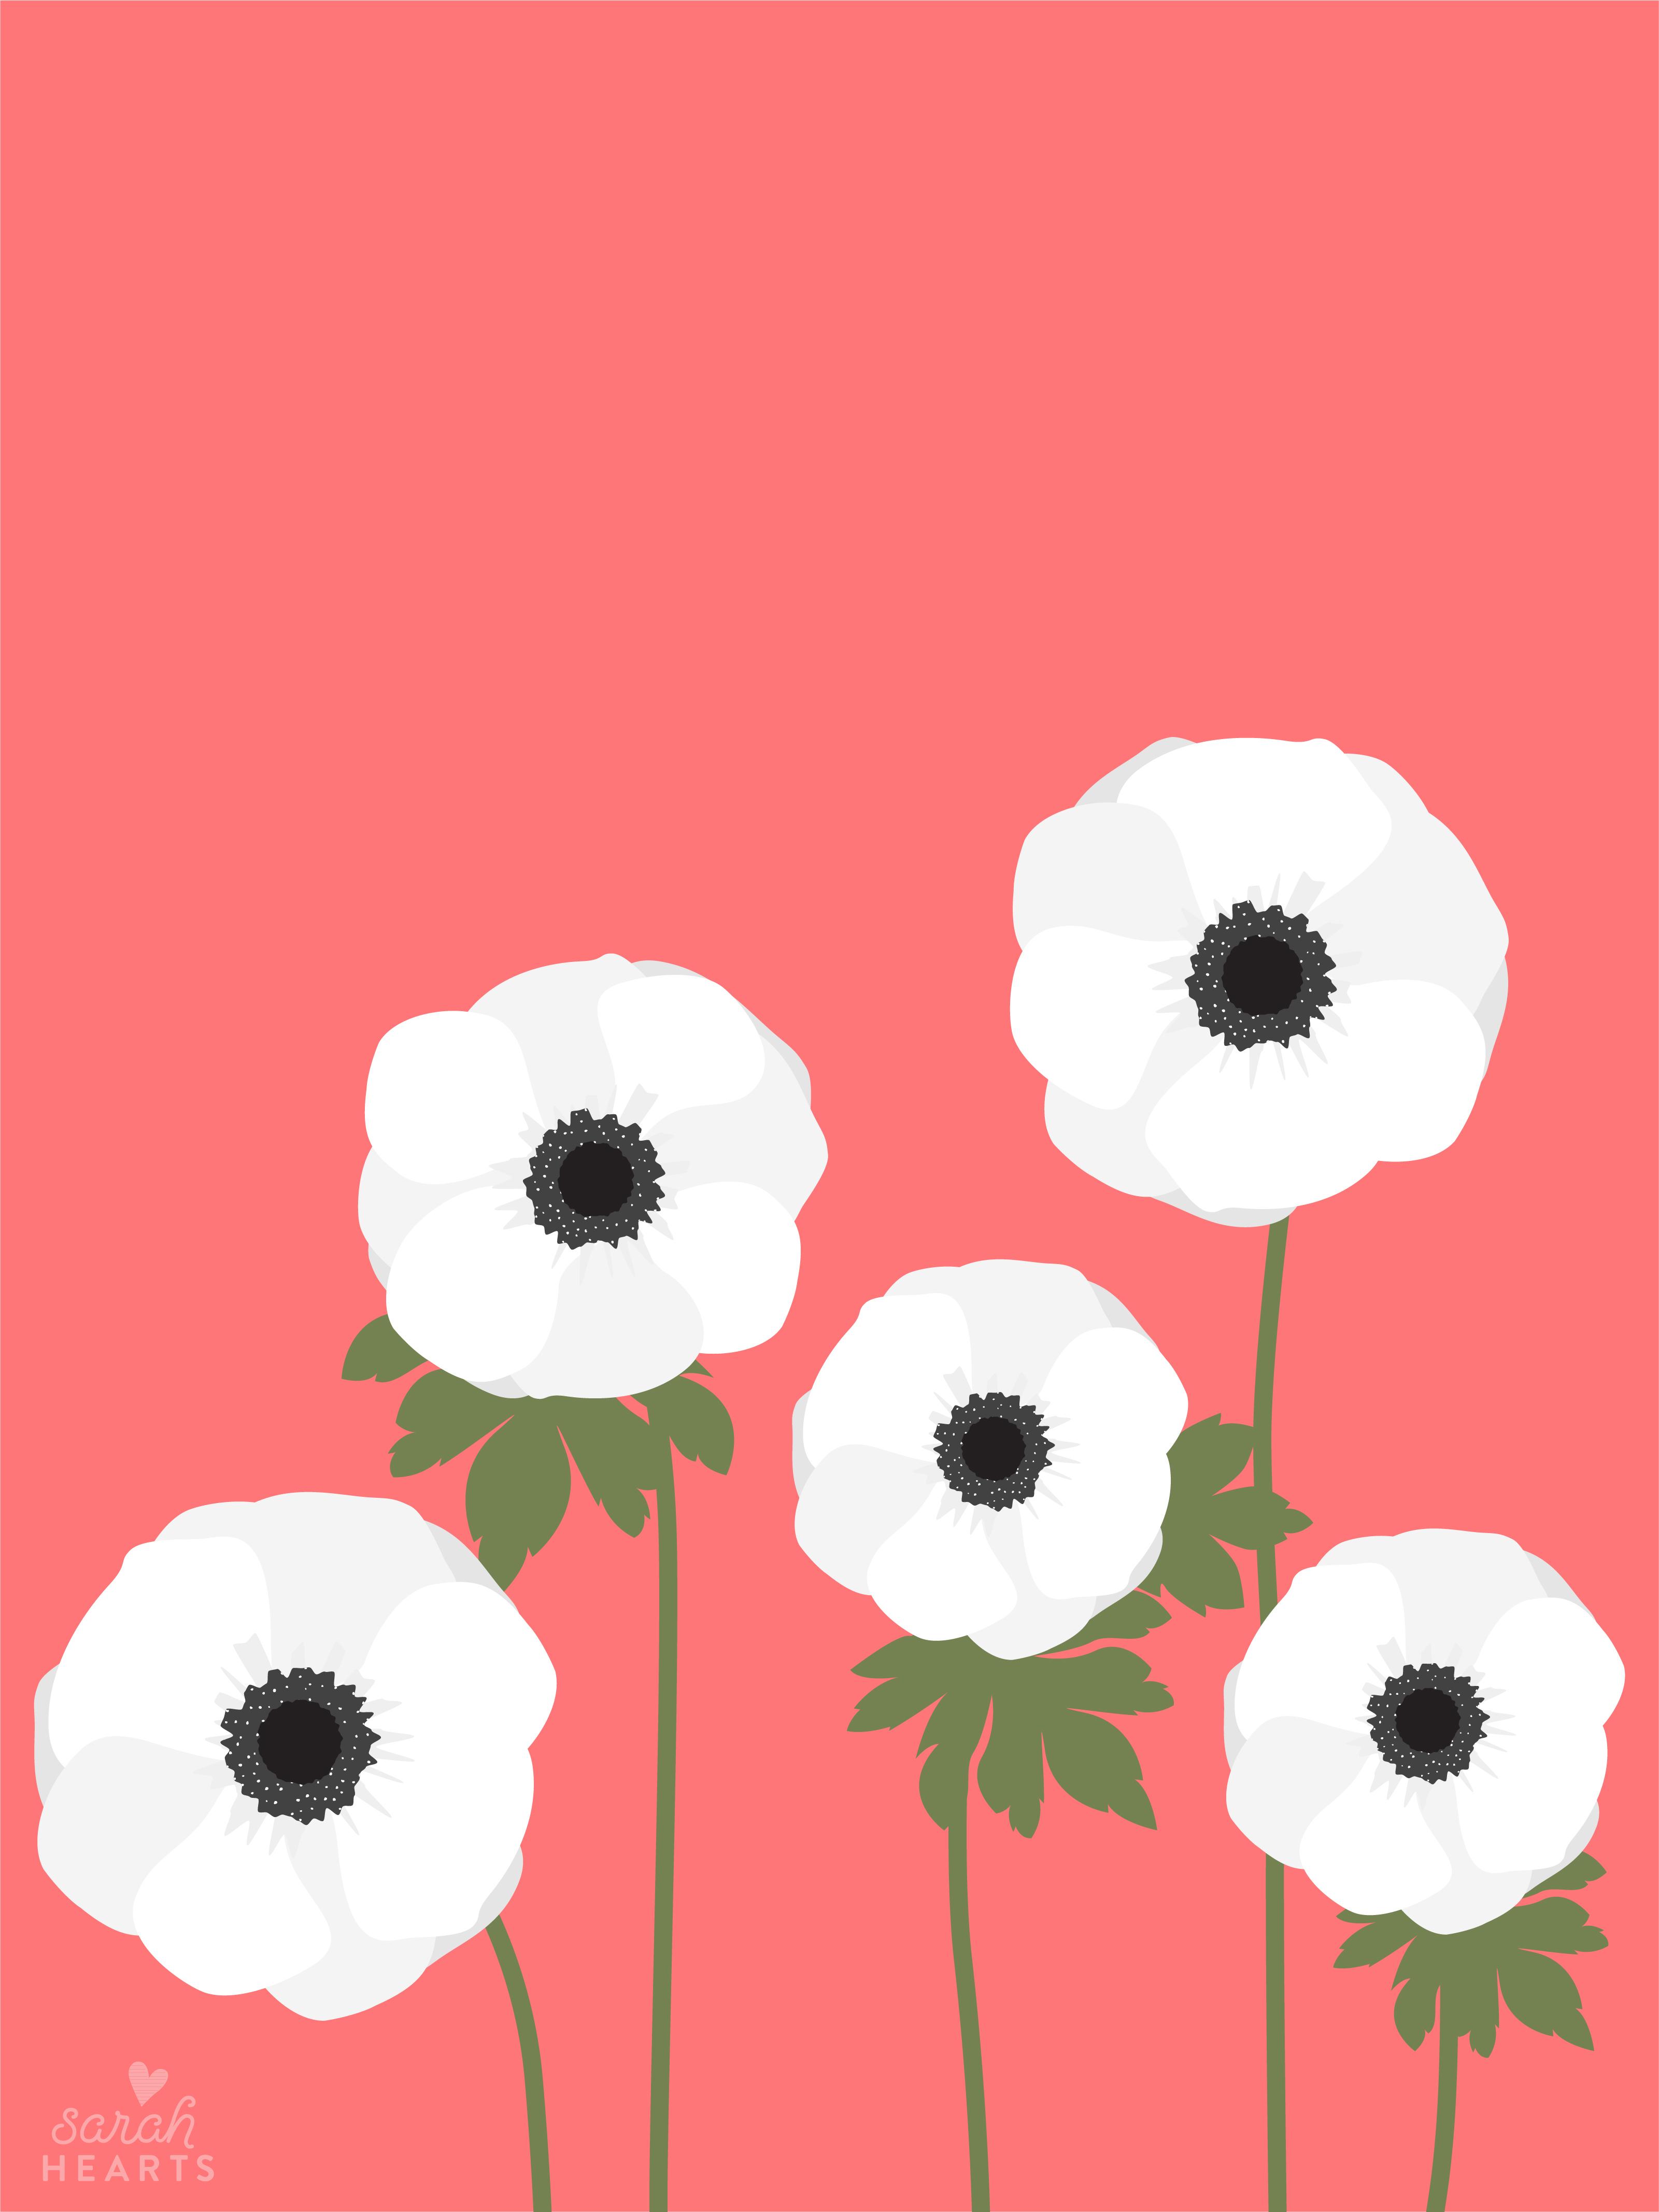 Good Wallpaper Home Screen Floral - 04_2017_wallpaper_ipad_art  You Should Have_334326.jpg